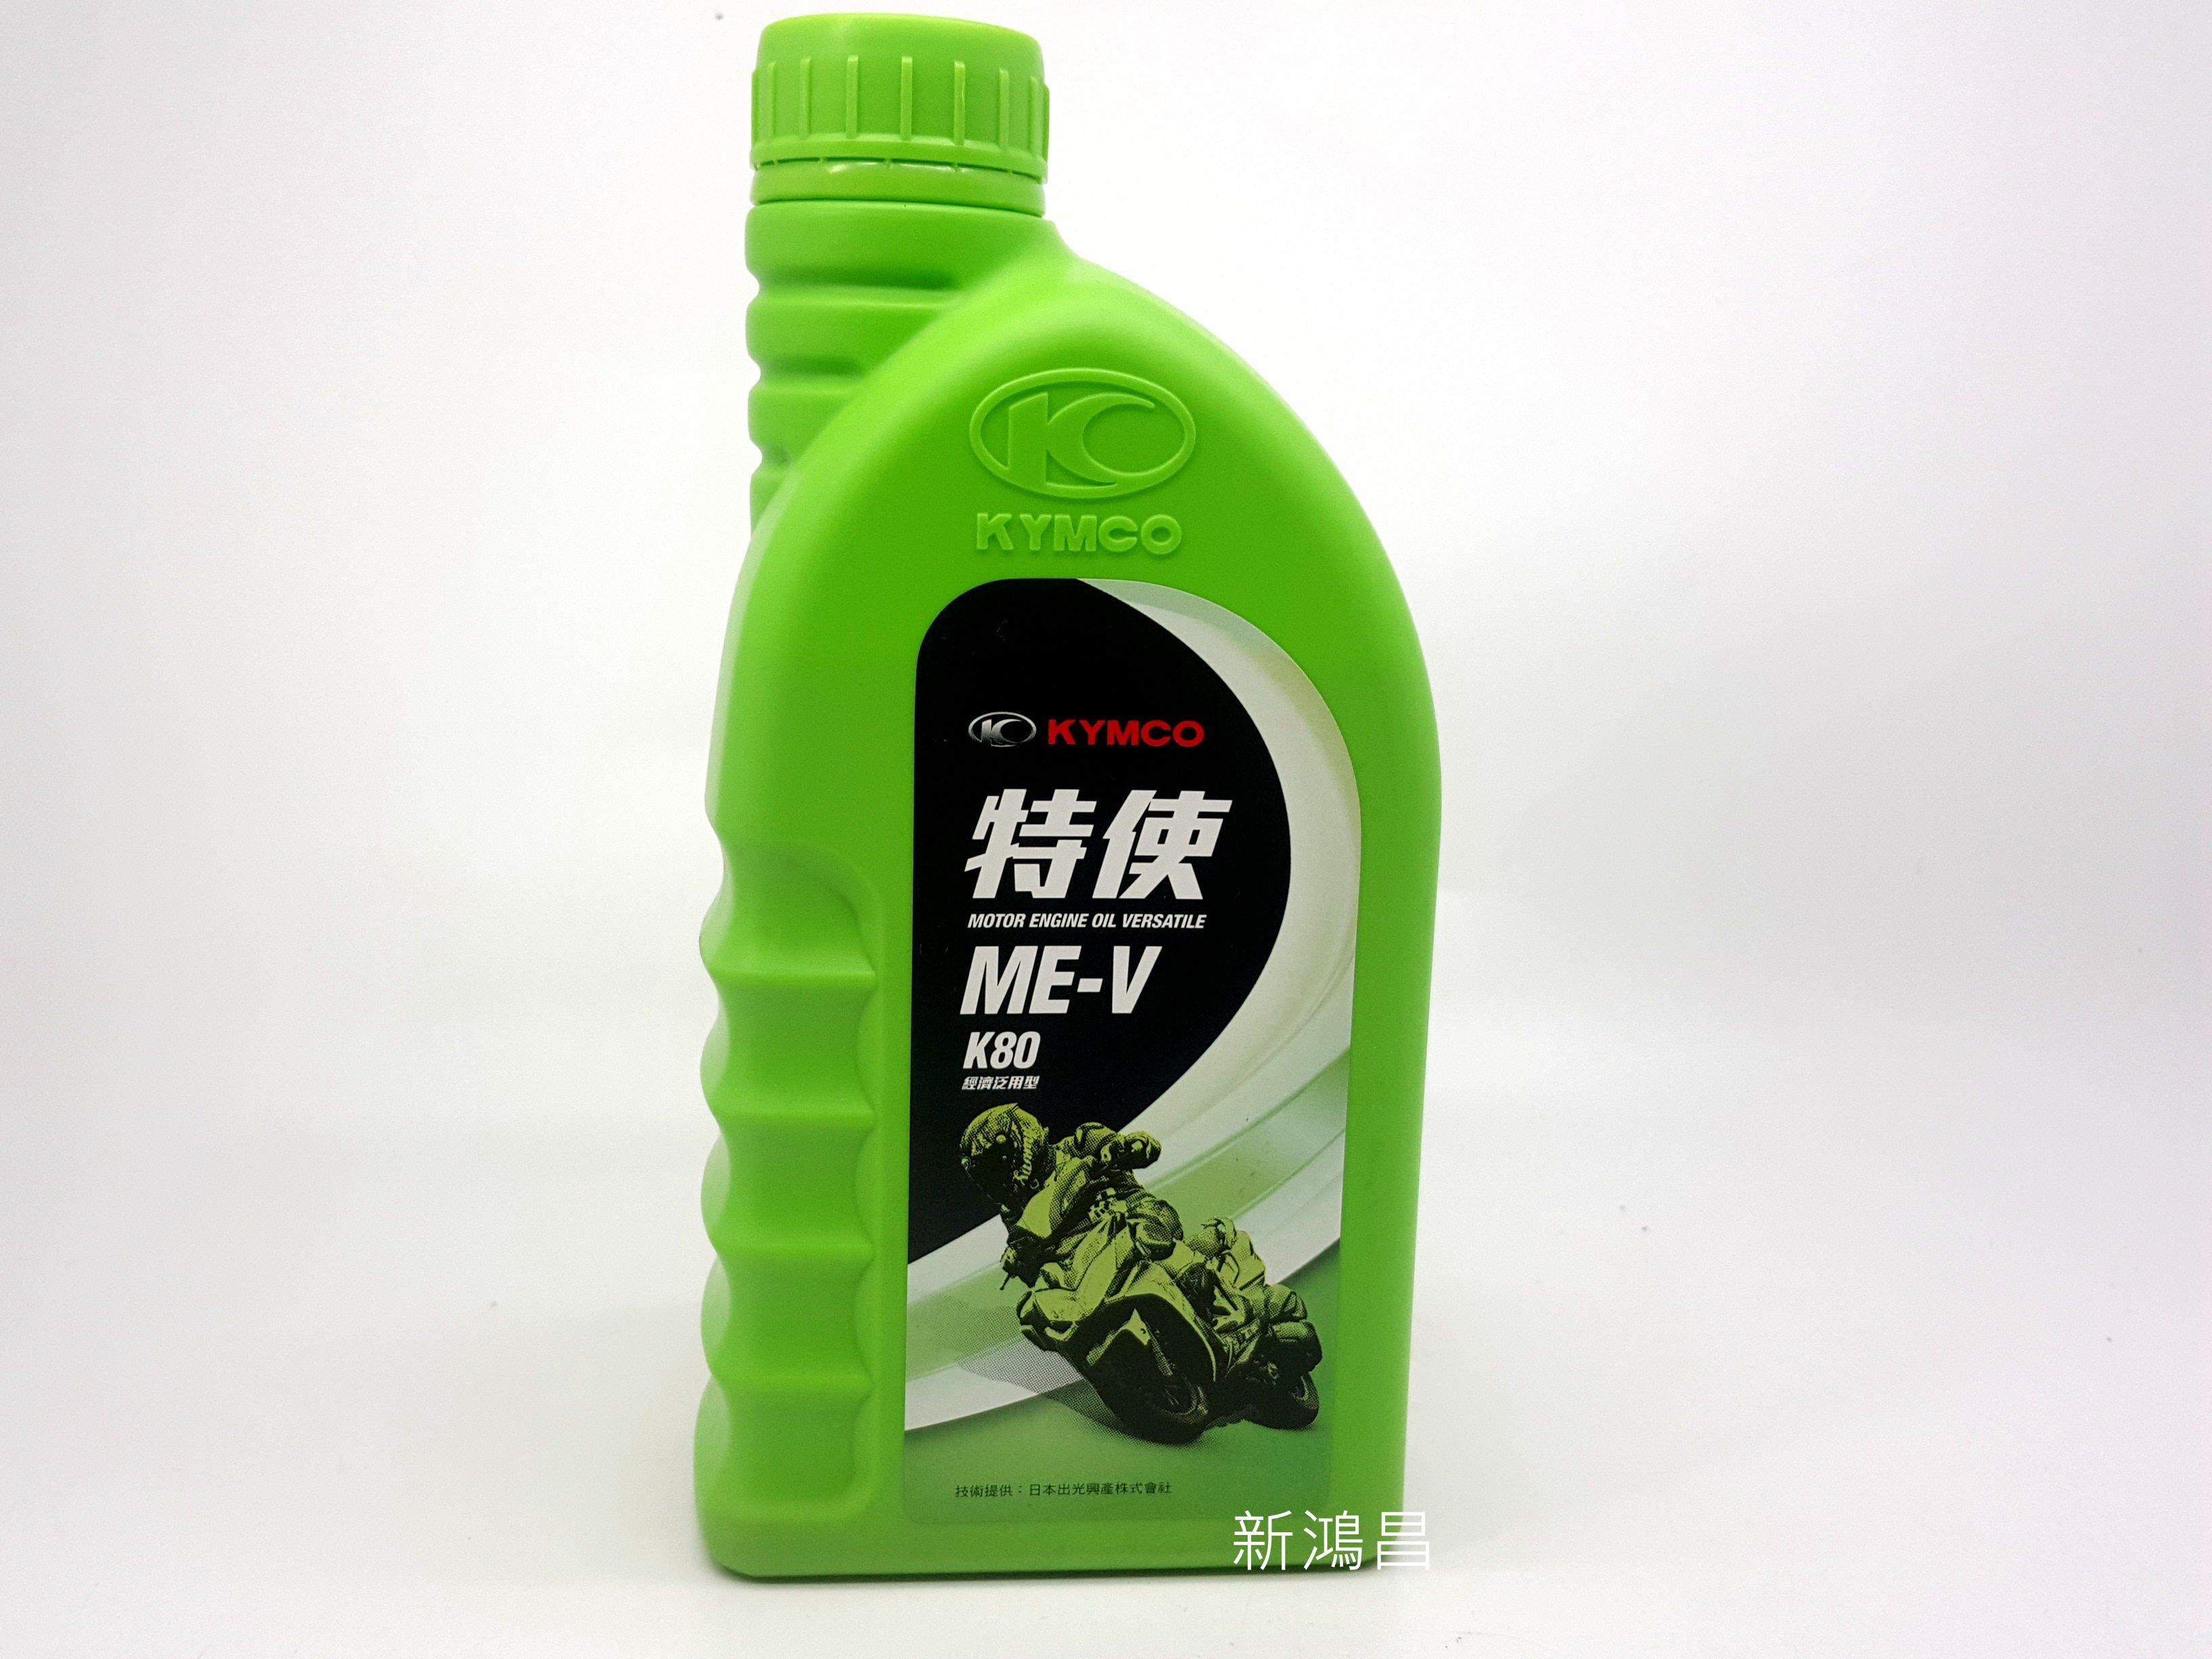 【新鴻昌】KYMCO原廠 光陽 特使ME-V K80 4T 0.8L機油 四行程機油 奔騰機油